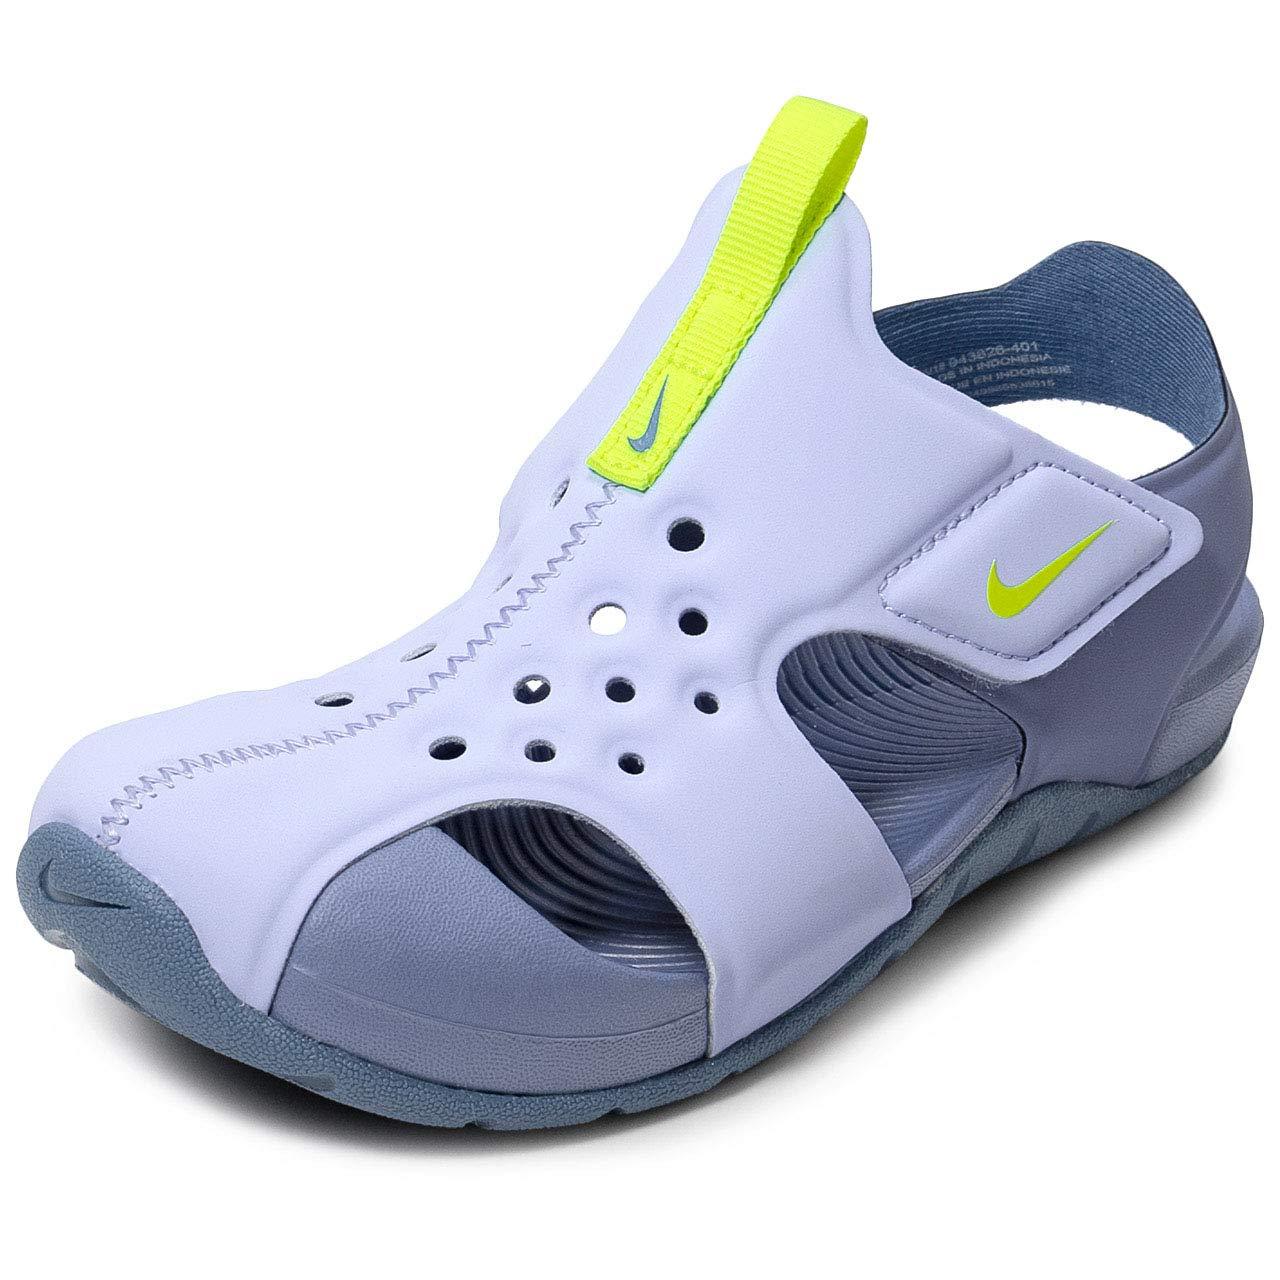 Zapatos de Playa y Piscina para Ni/ños Nike Sunray Protect 2 PS